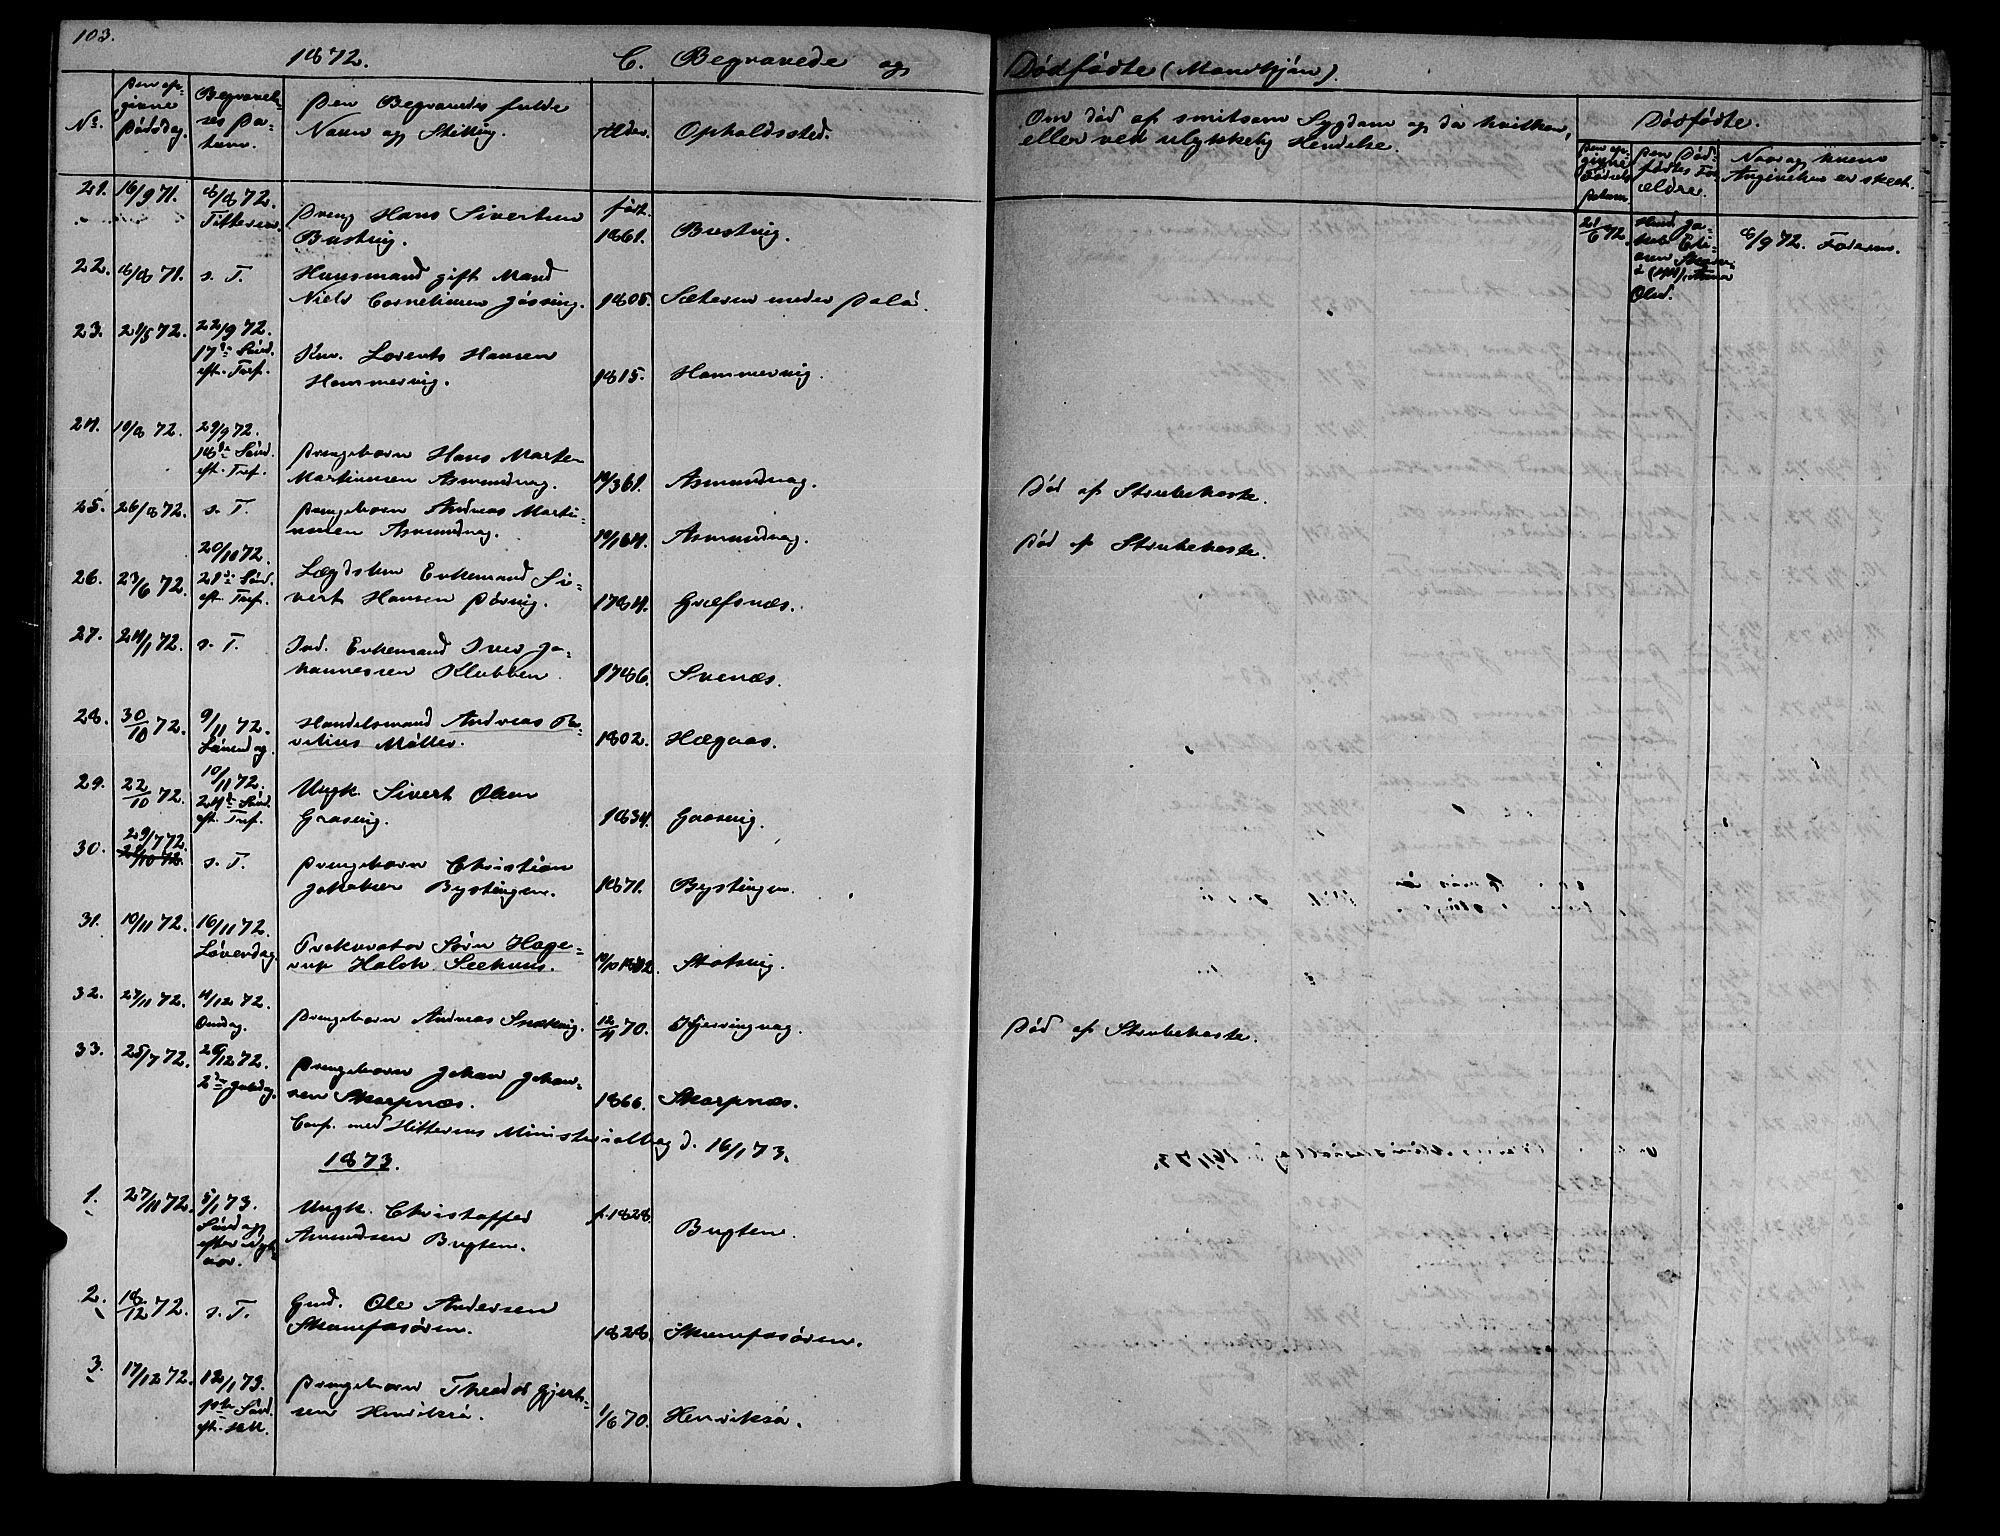 SAT, Ministerialprotokoller, klokkerbøker og fødselsregistre - Sør-Trøndelag, 634/L0539: Klokkerbok nr. 634C01, 1866-1873, s. 103